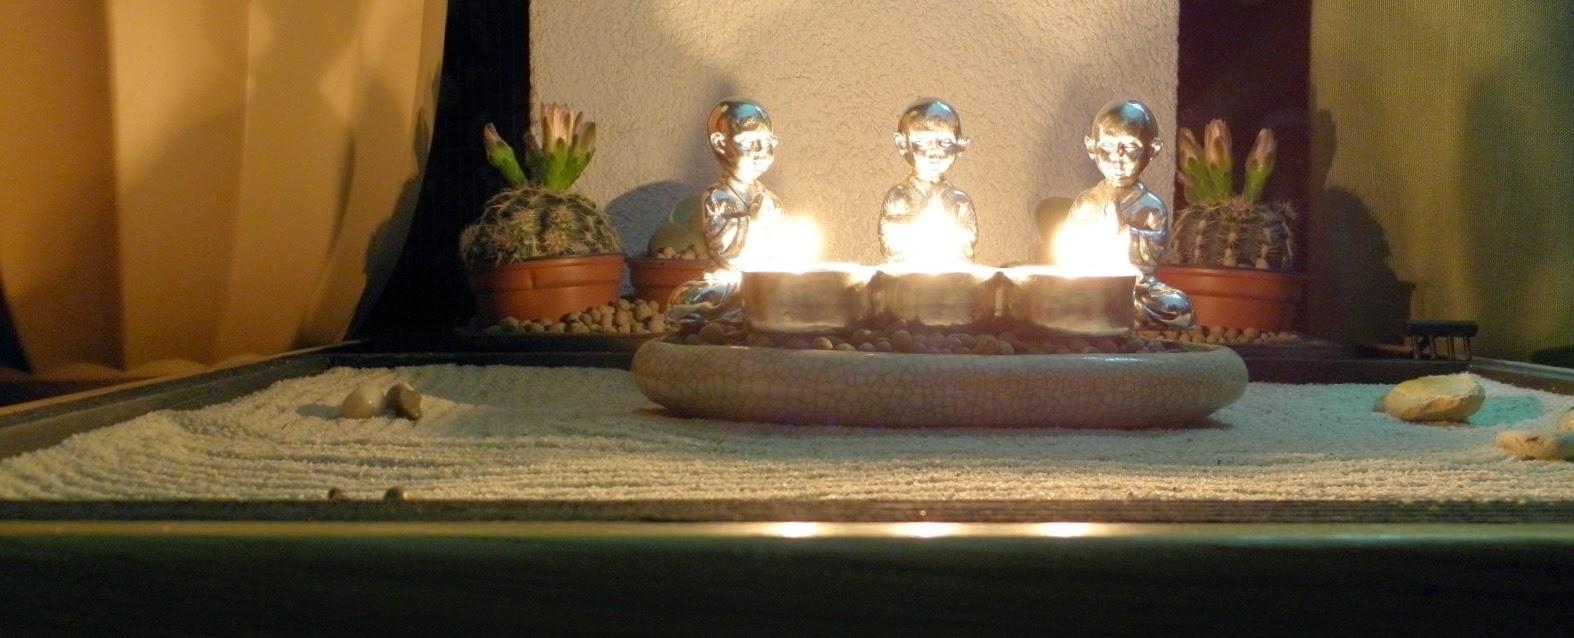 Paz y harmonía